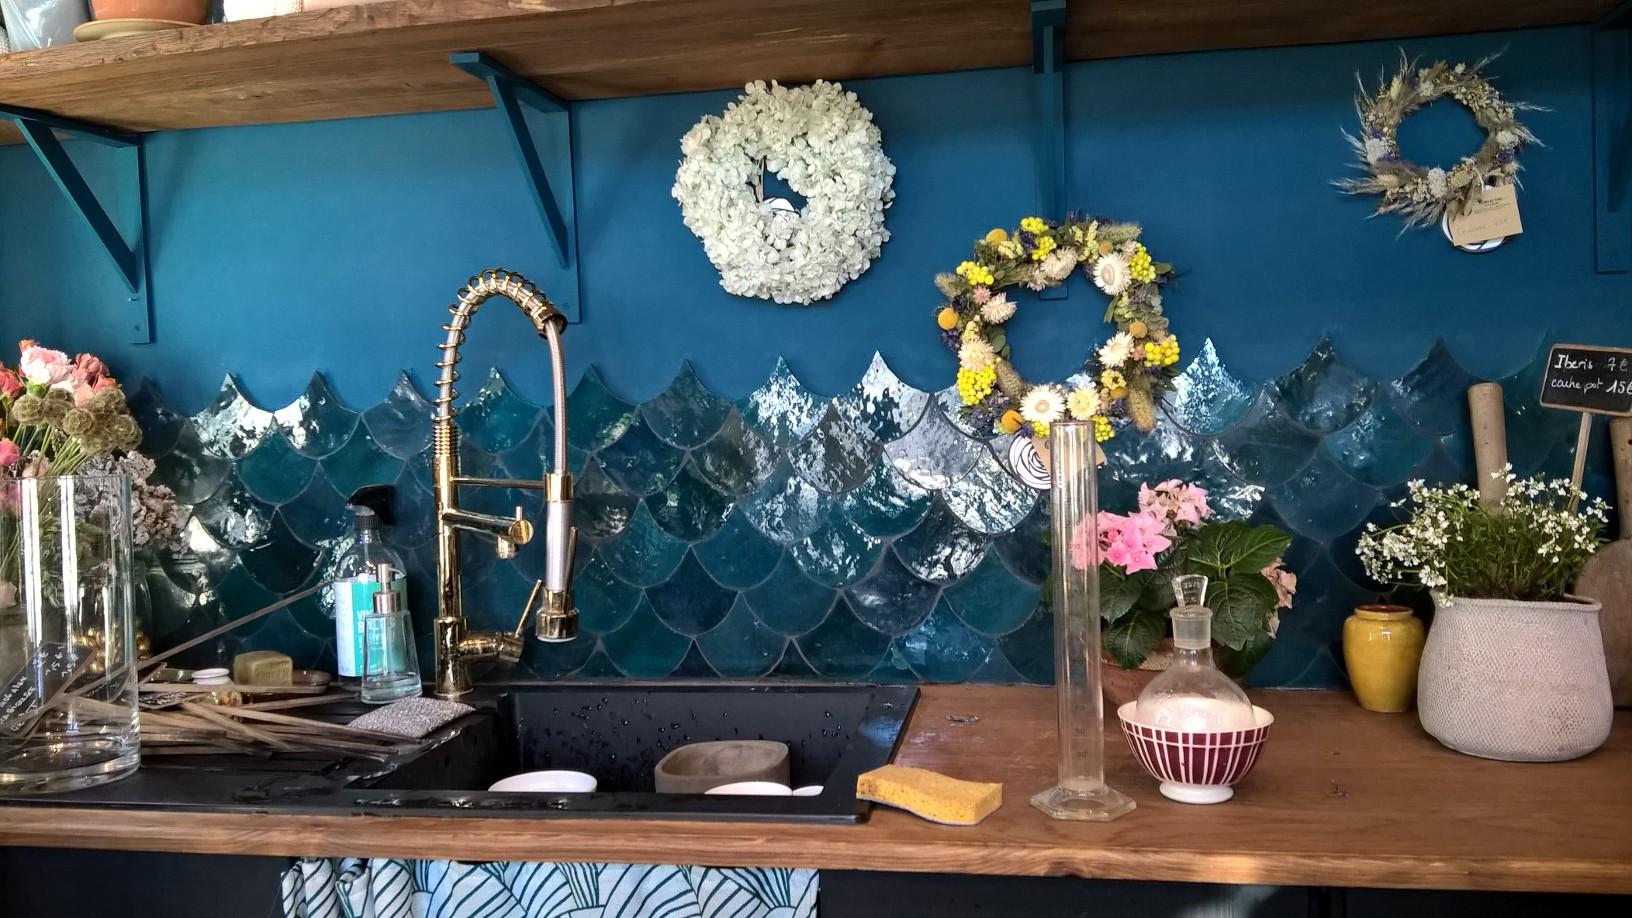 Zellige bleu vert arborescence sud ouest - Zellige de cuisine ...